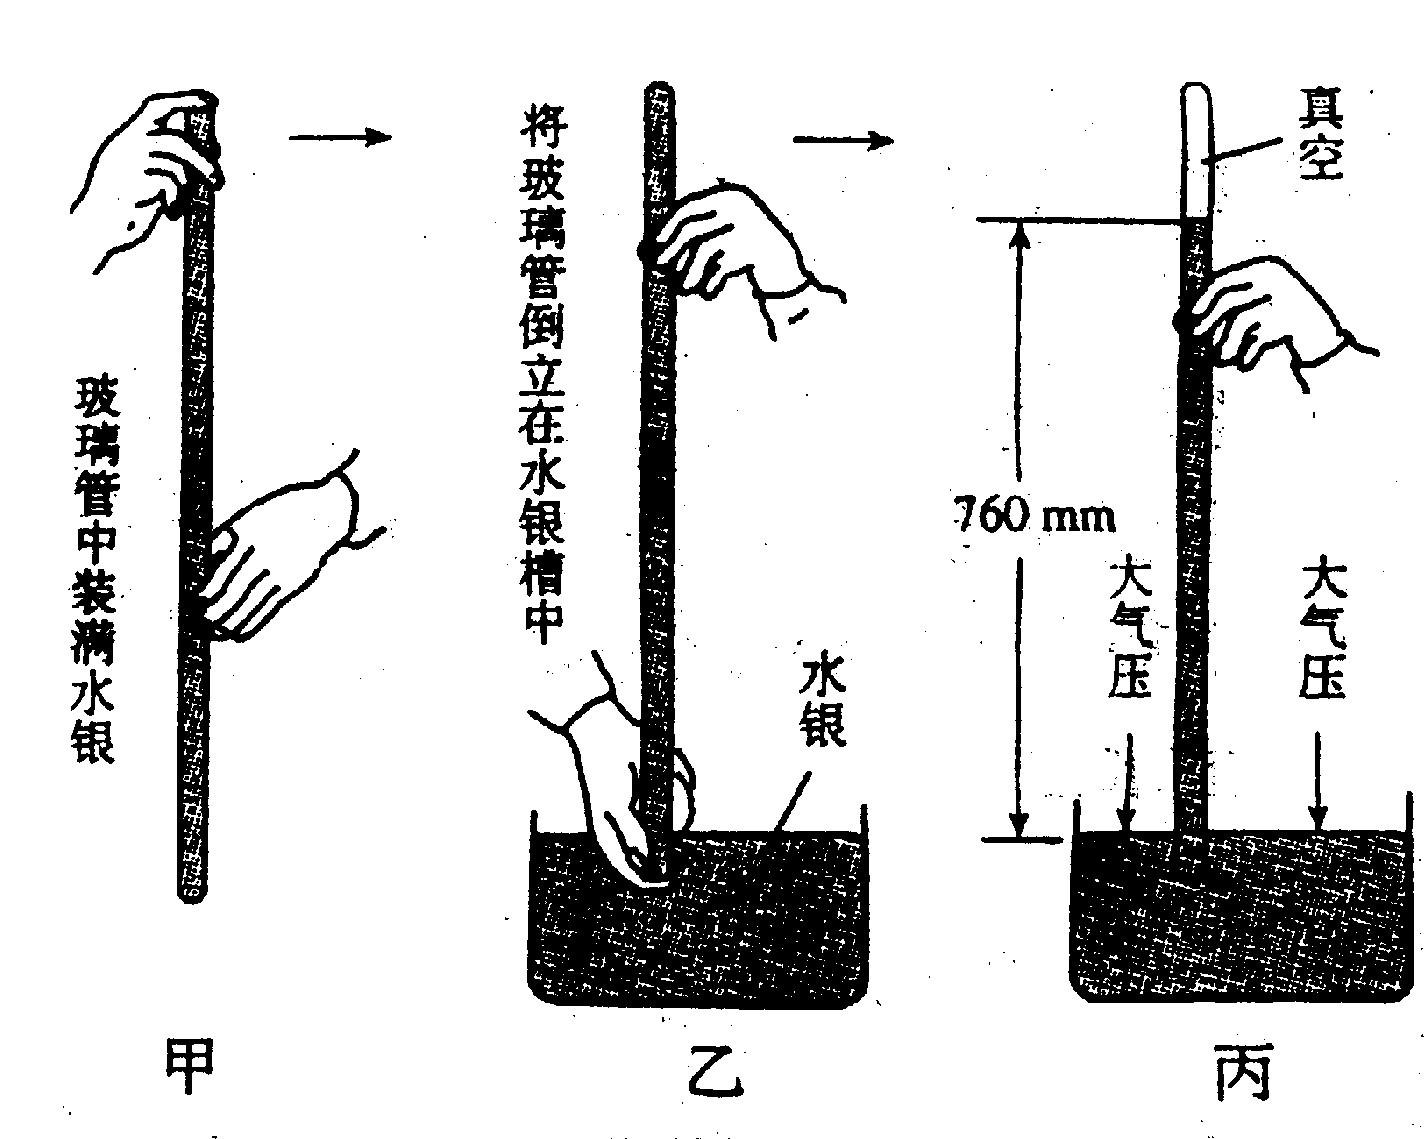 标准大气压词条图册_百度百科图片